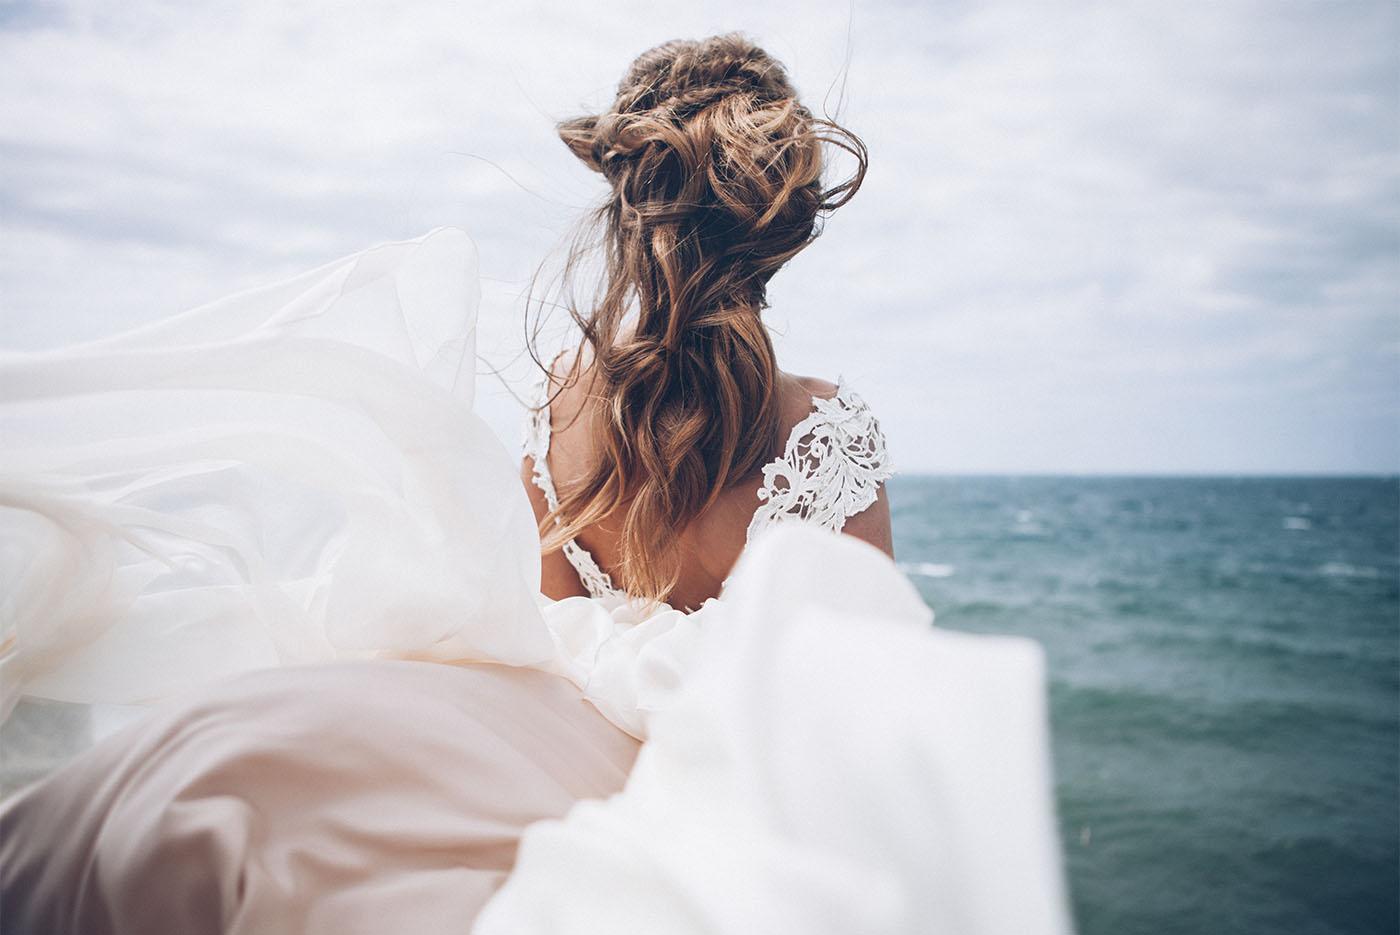 Heiraten Am Meer_Ferienhaus An Der Ostsee Mieten_Hochzeit Im Ferienhaus Wieckin_Ferienhaus Darß Mieten